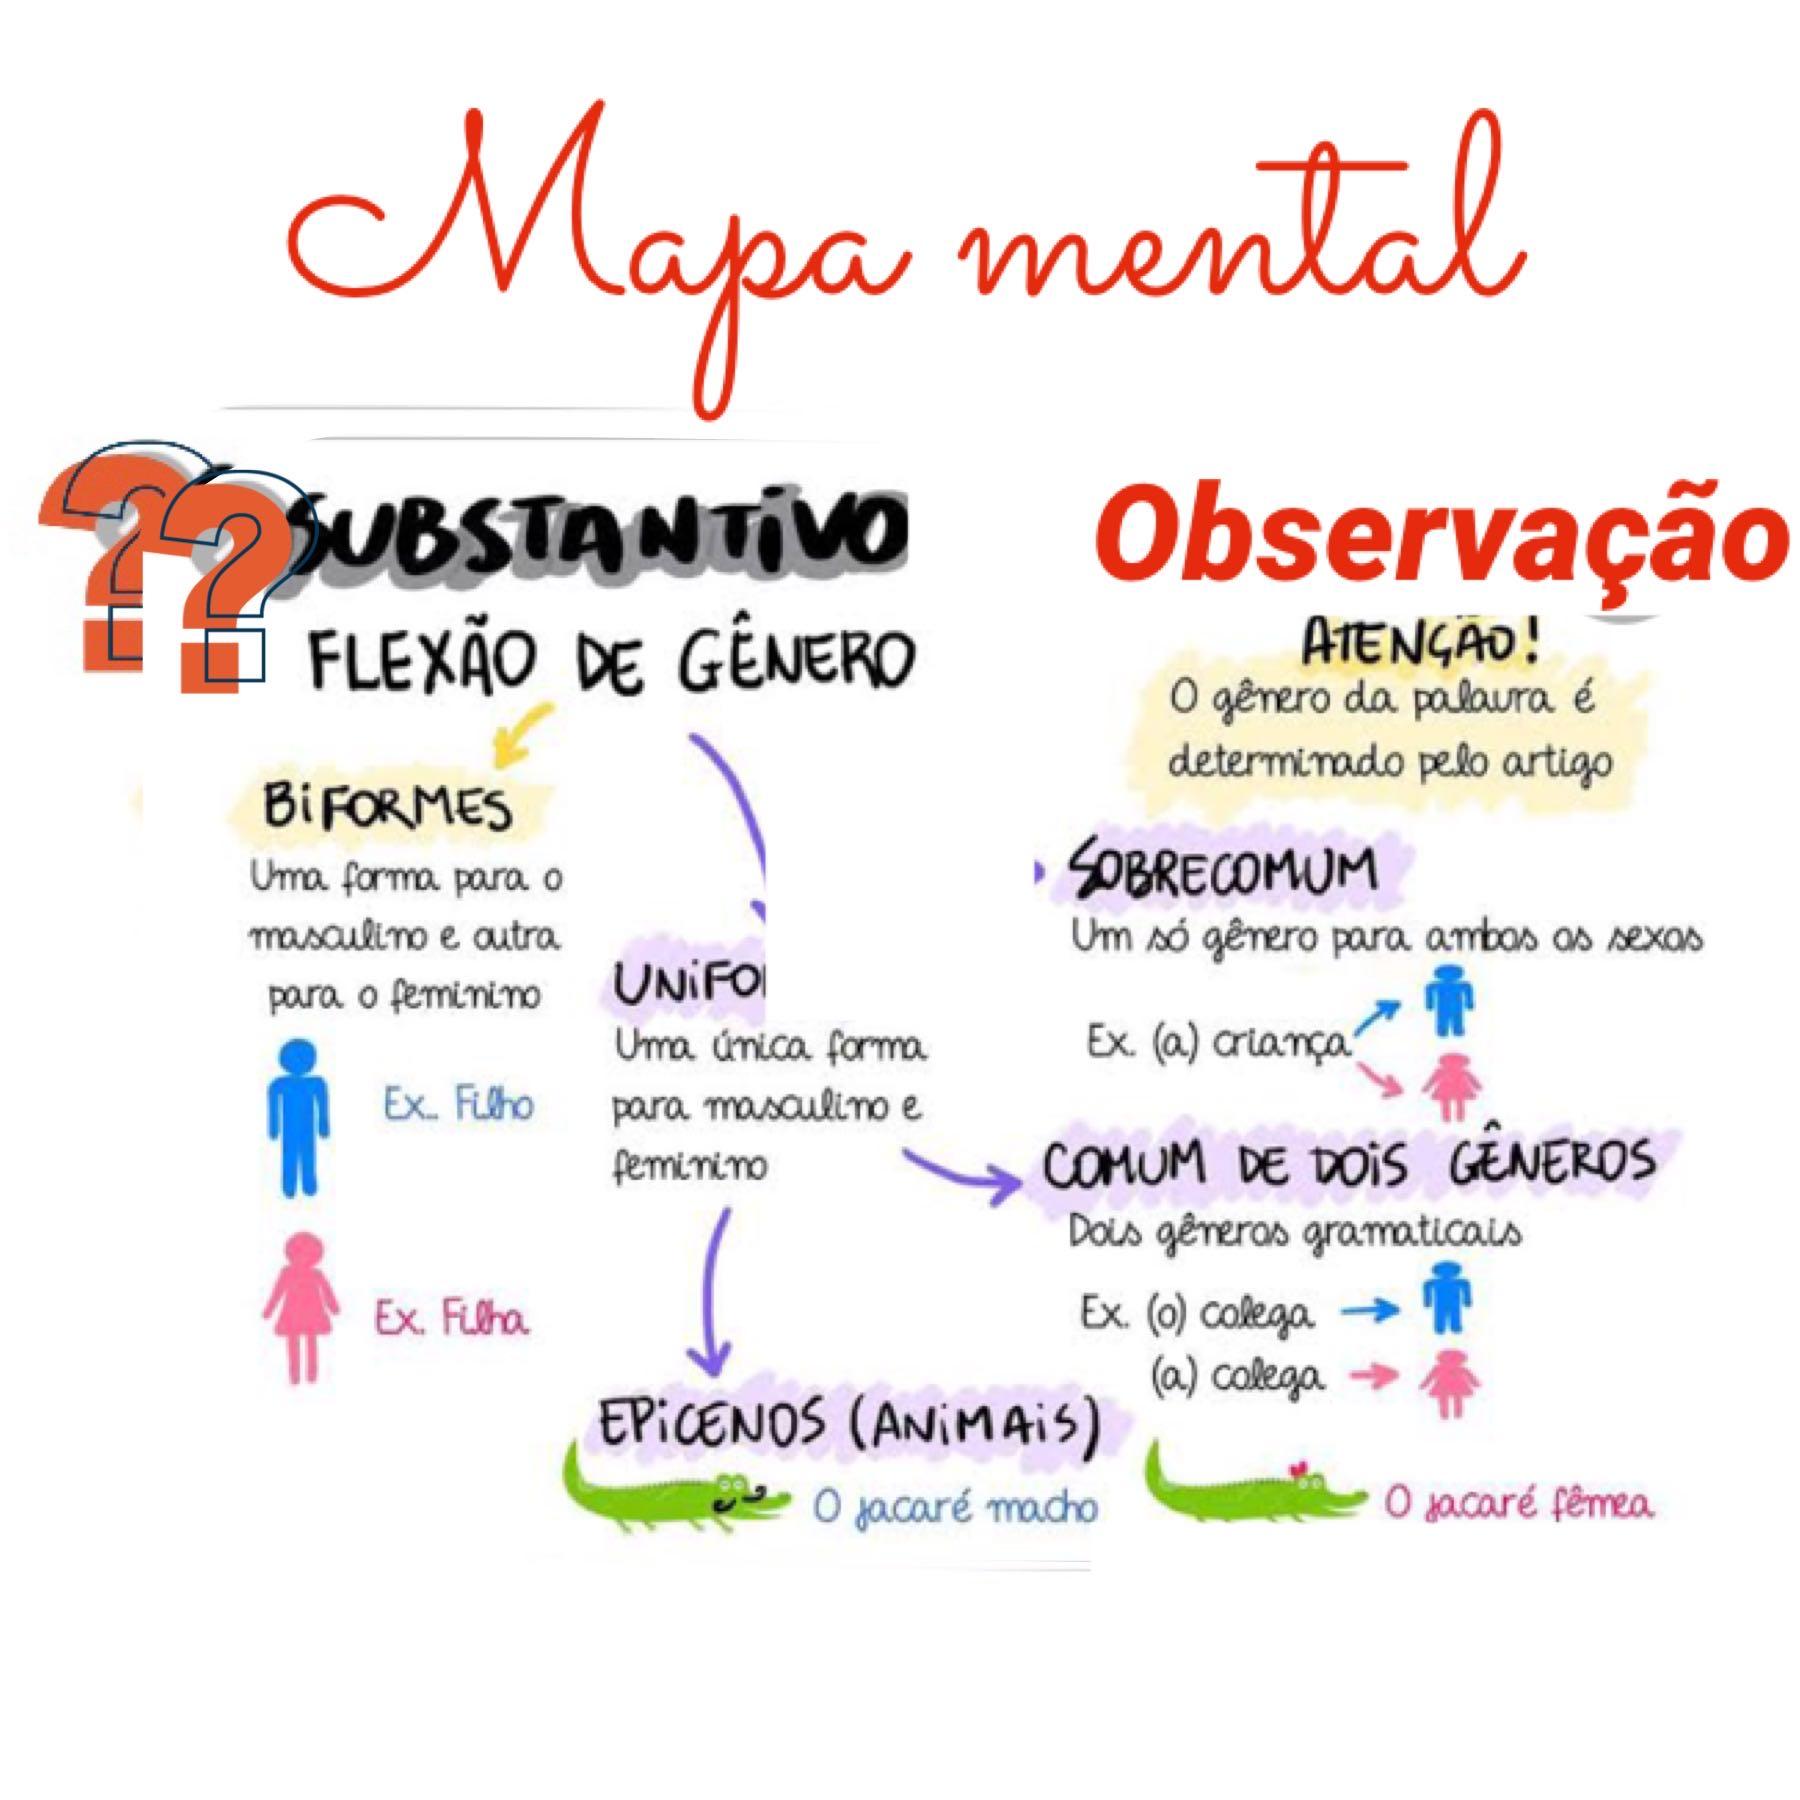 Mapa mental da flexão de gênero dos substantivos